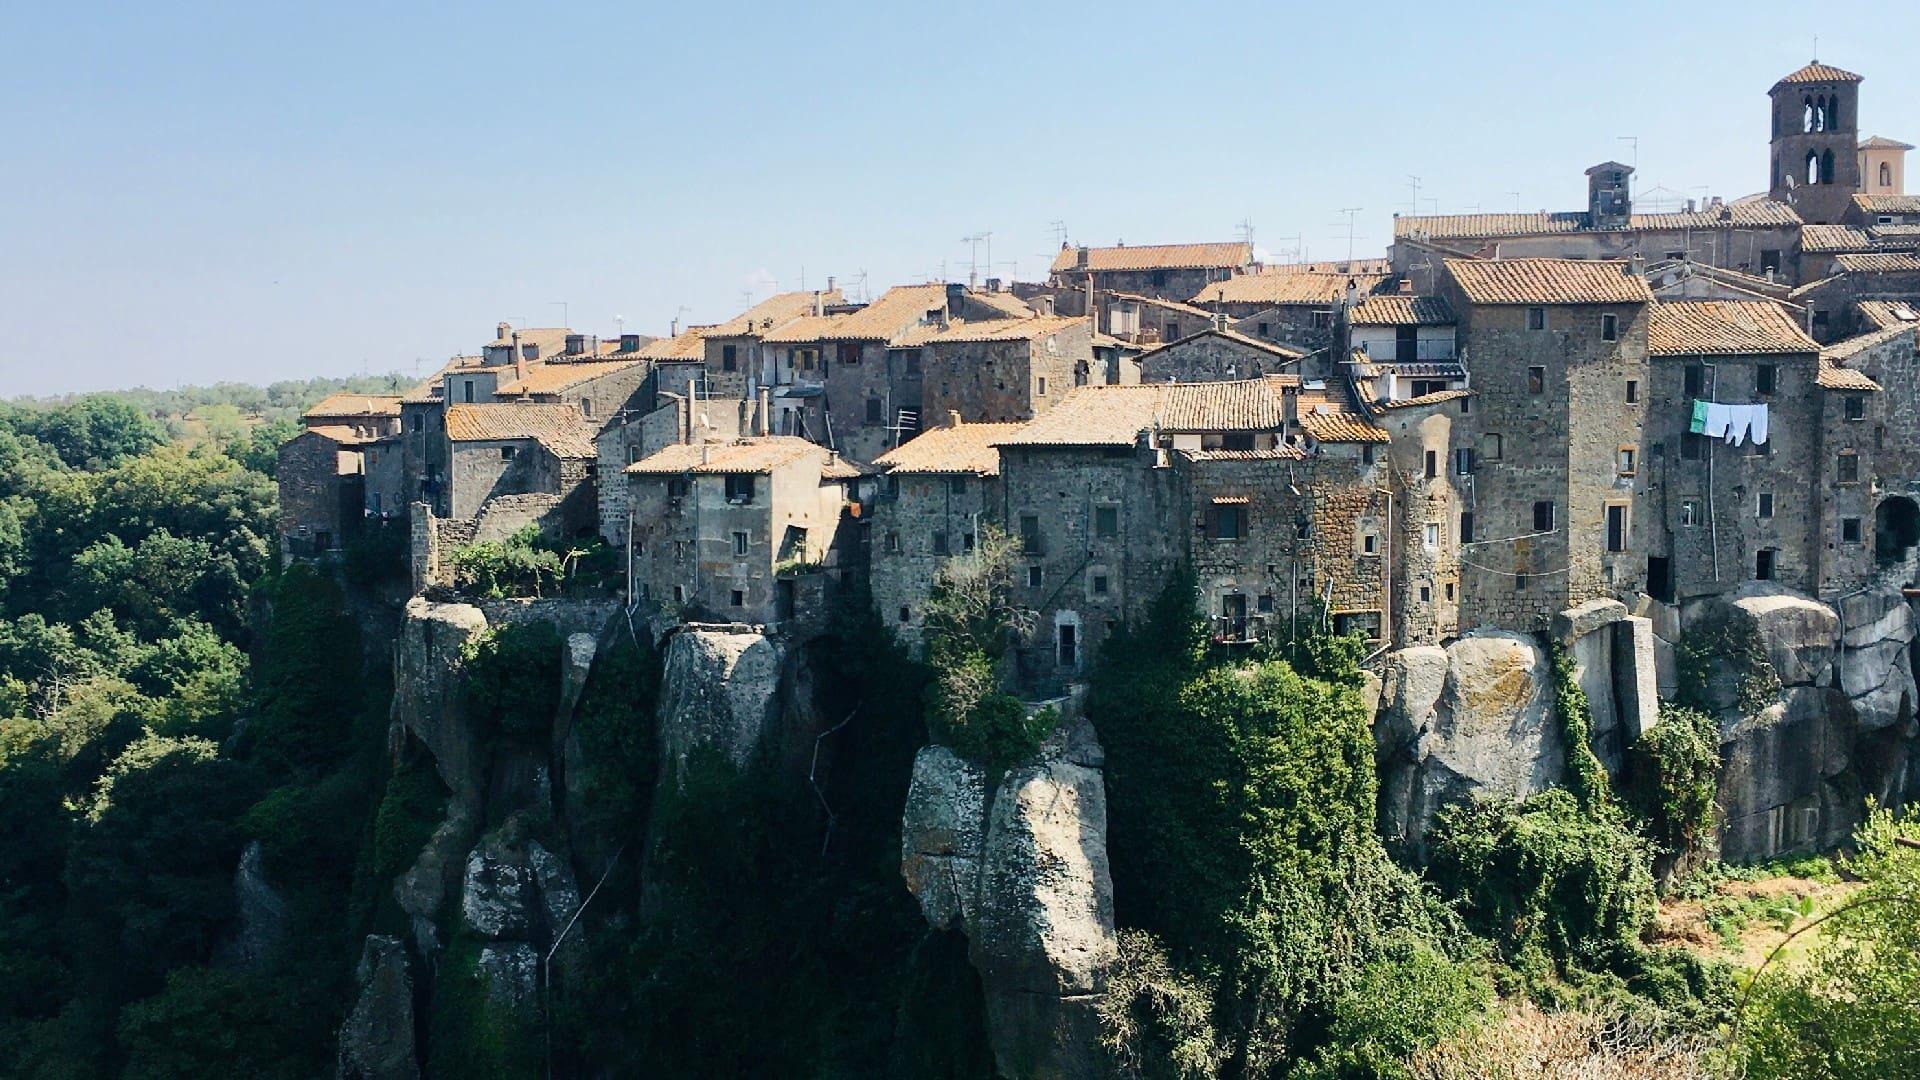 Il grande sperone tufaceo su cui sorge il borgo di Vitorchiano (Viterbo). Il borgo è costituito da tante casette in pietra tufacea. Lo sperone è circondato da alberi e verde vegetazione.